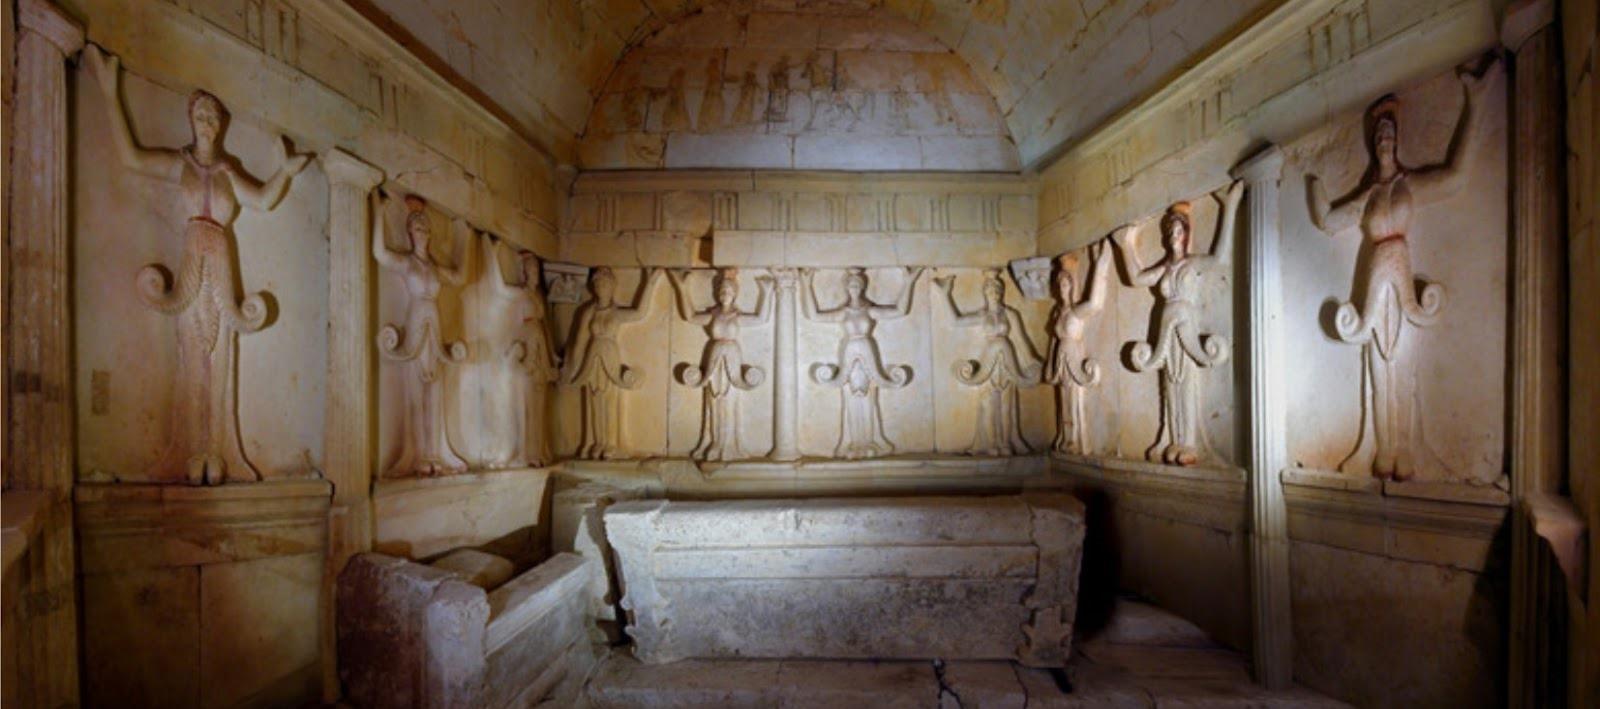 Казанлык, Фракийская гробница